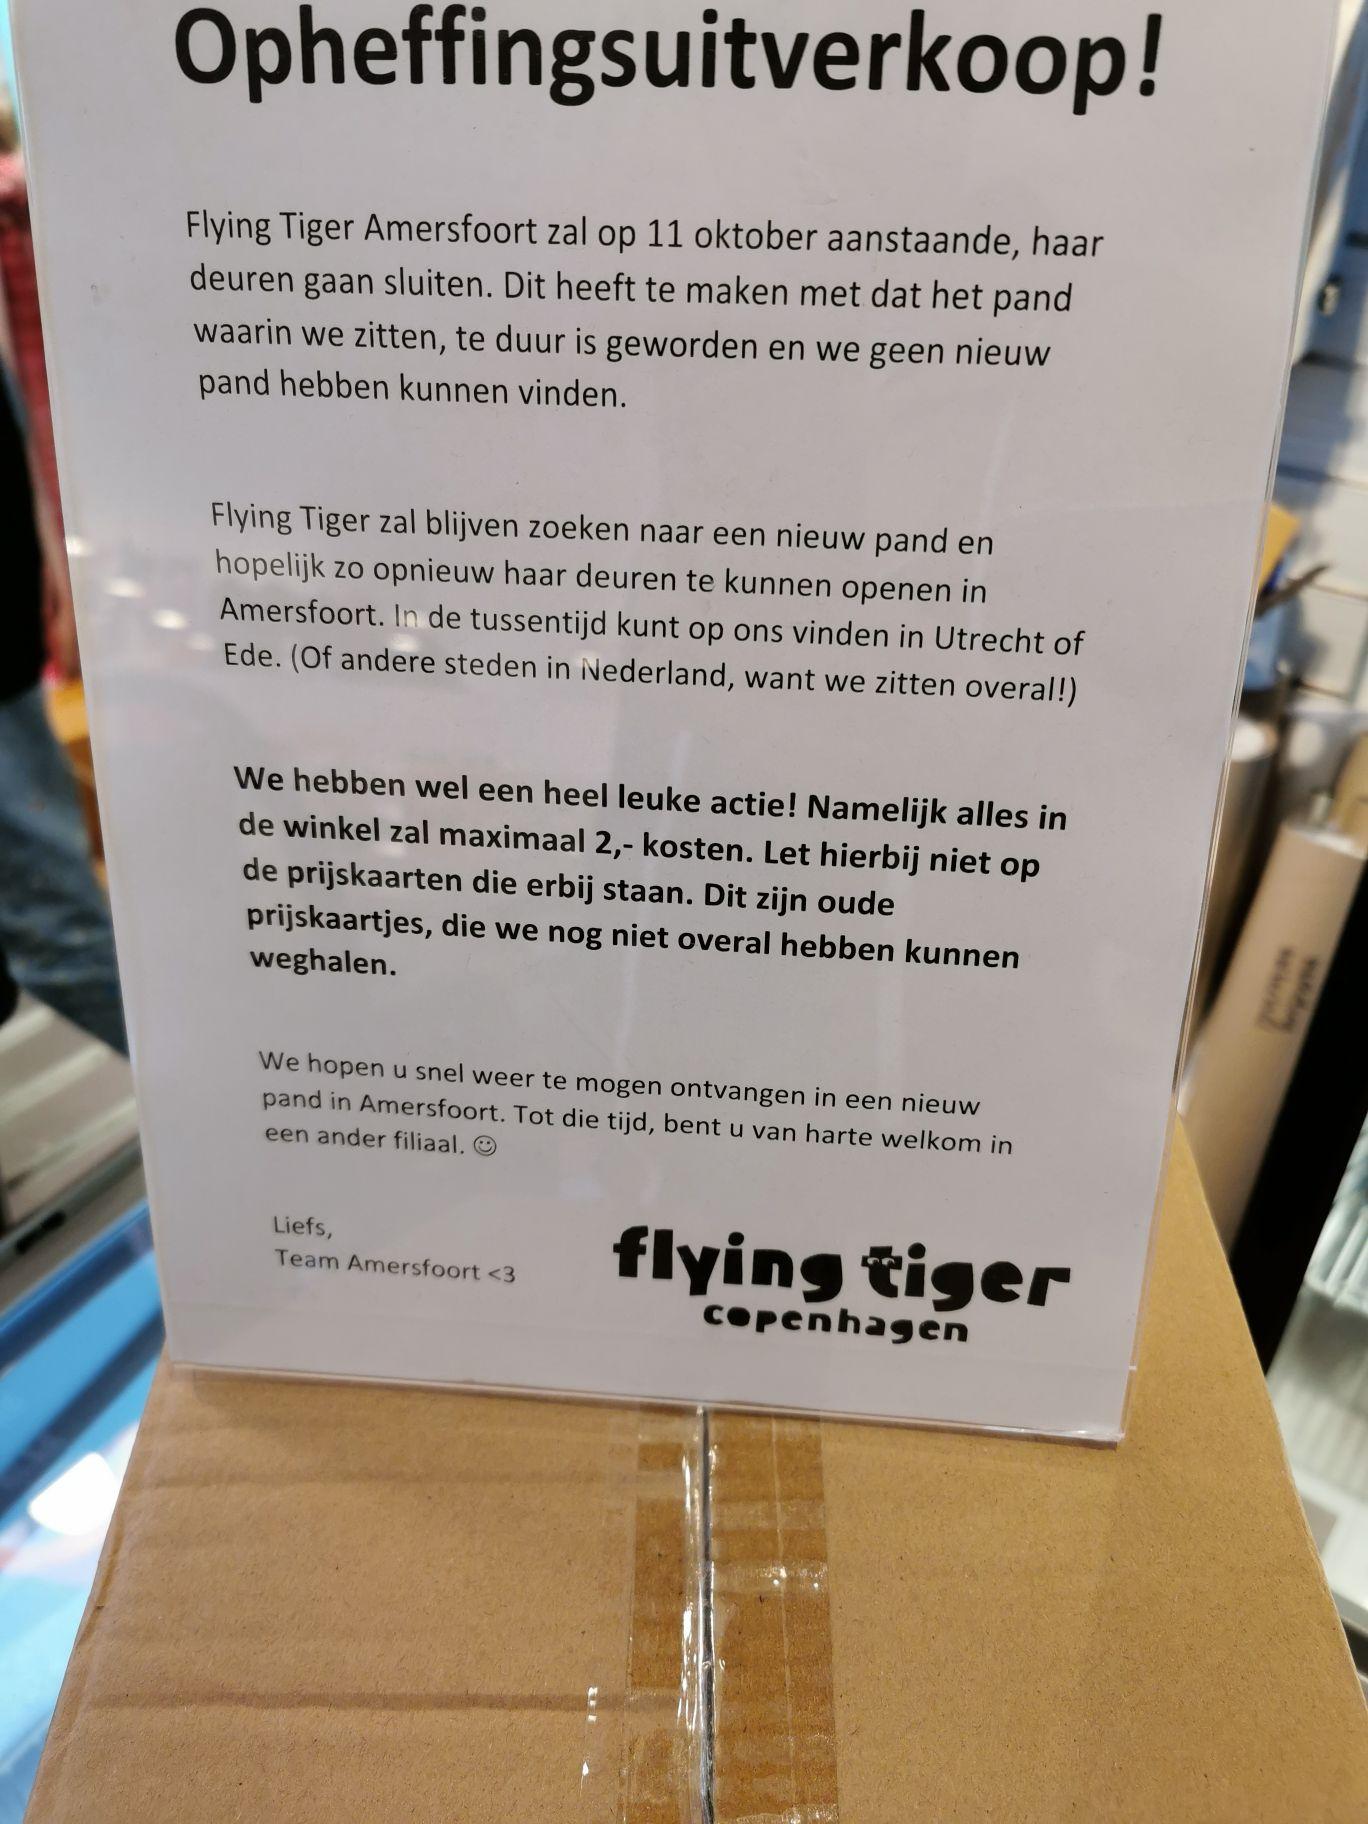 Opheffingsuitverkoop Flying Tiger Amersfoort